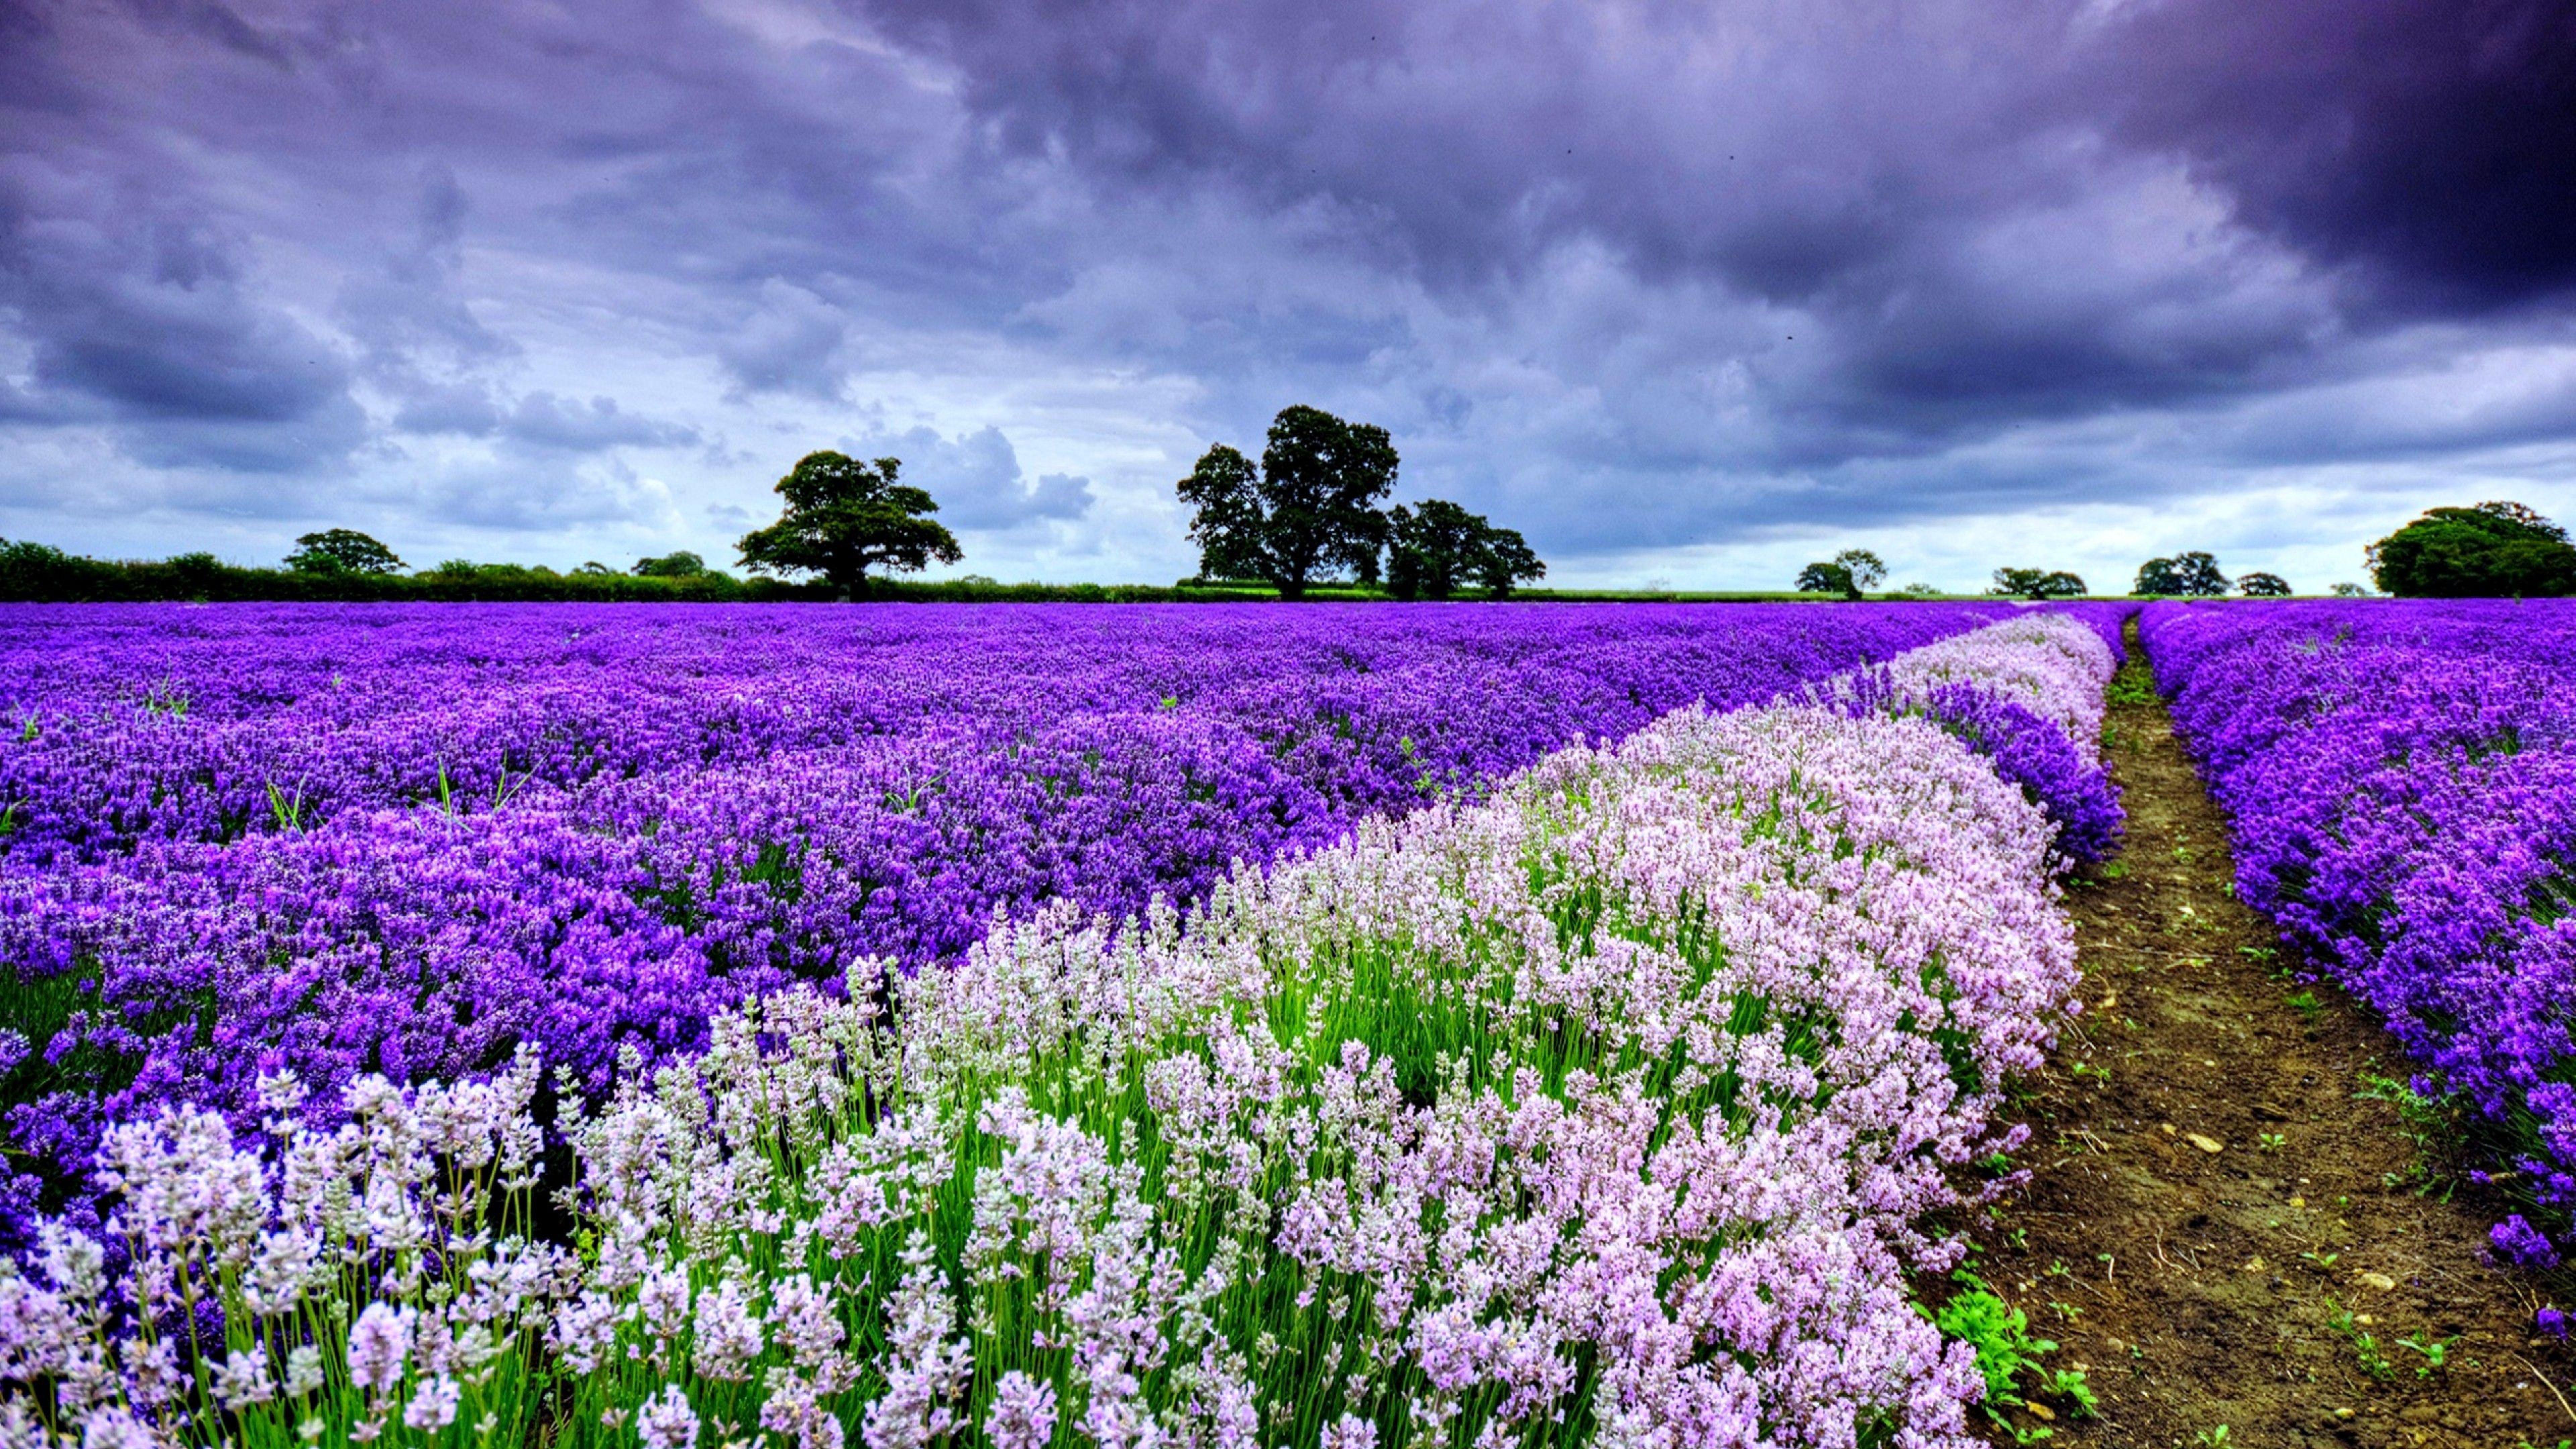 7680x4320 4k Ultra Hd Nature Flower Wallpaper Spring Landscape Field Wallpaper Spring Flowers Wallpaper